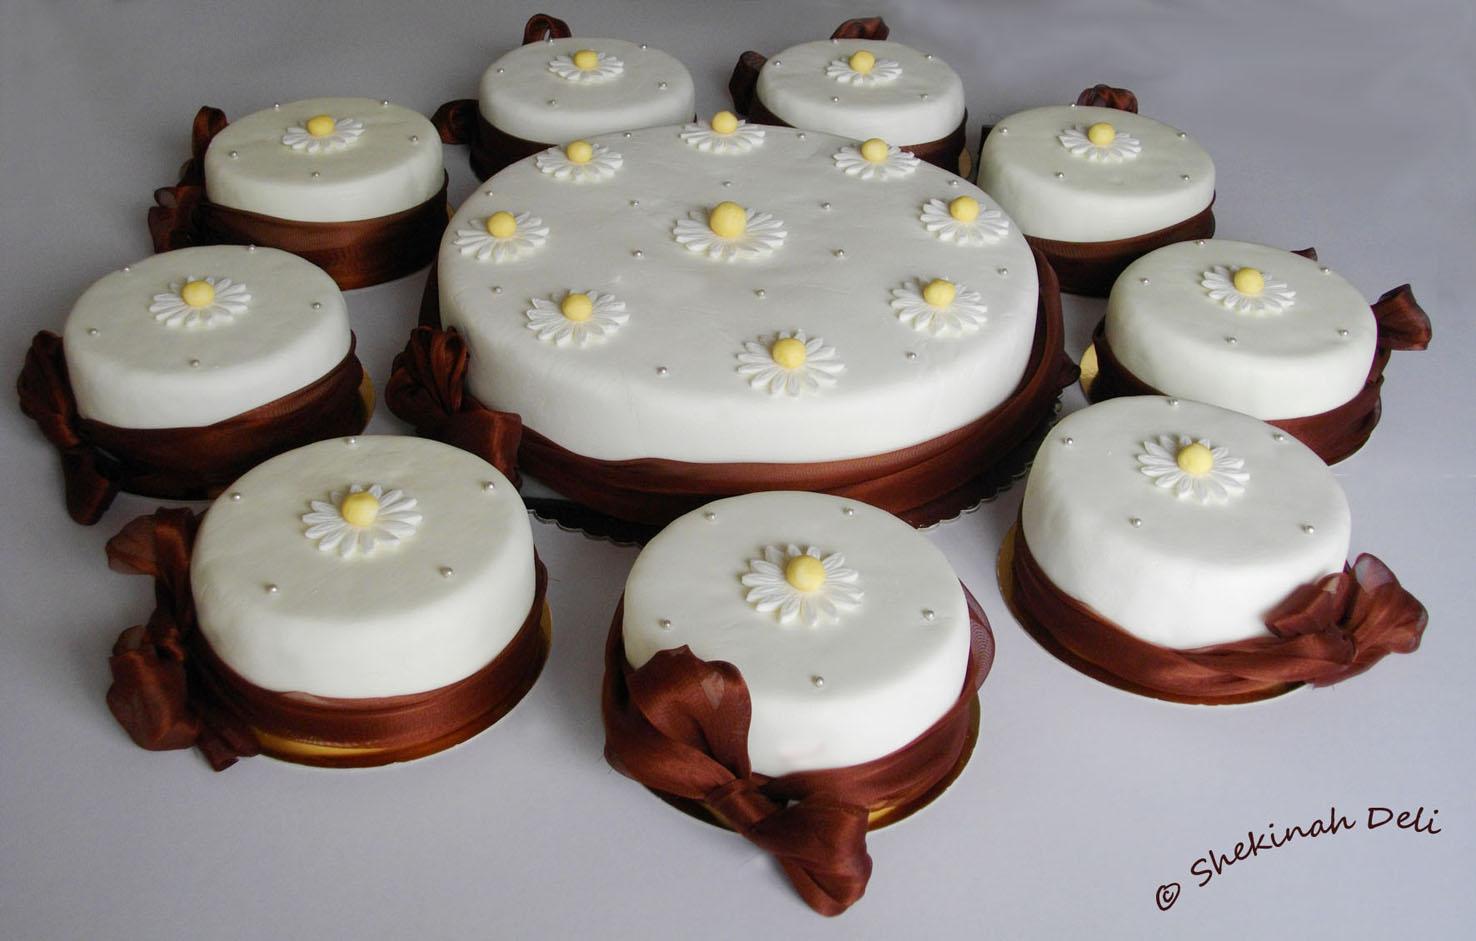 Shekinah Deli Daisy Theme Birthday Cake